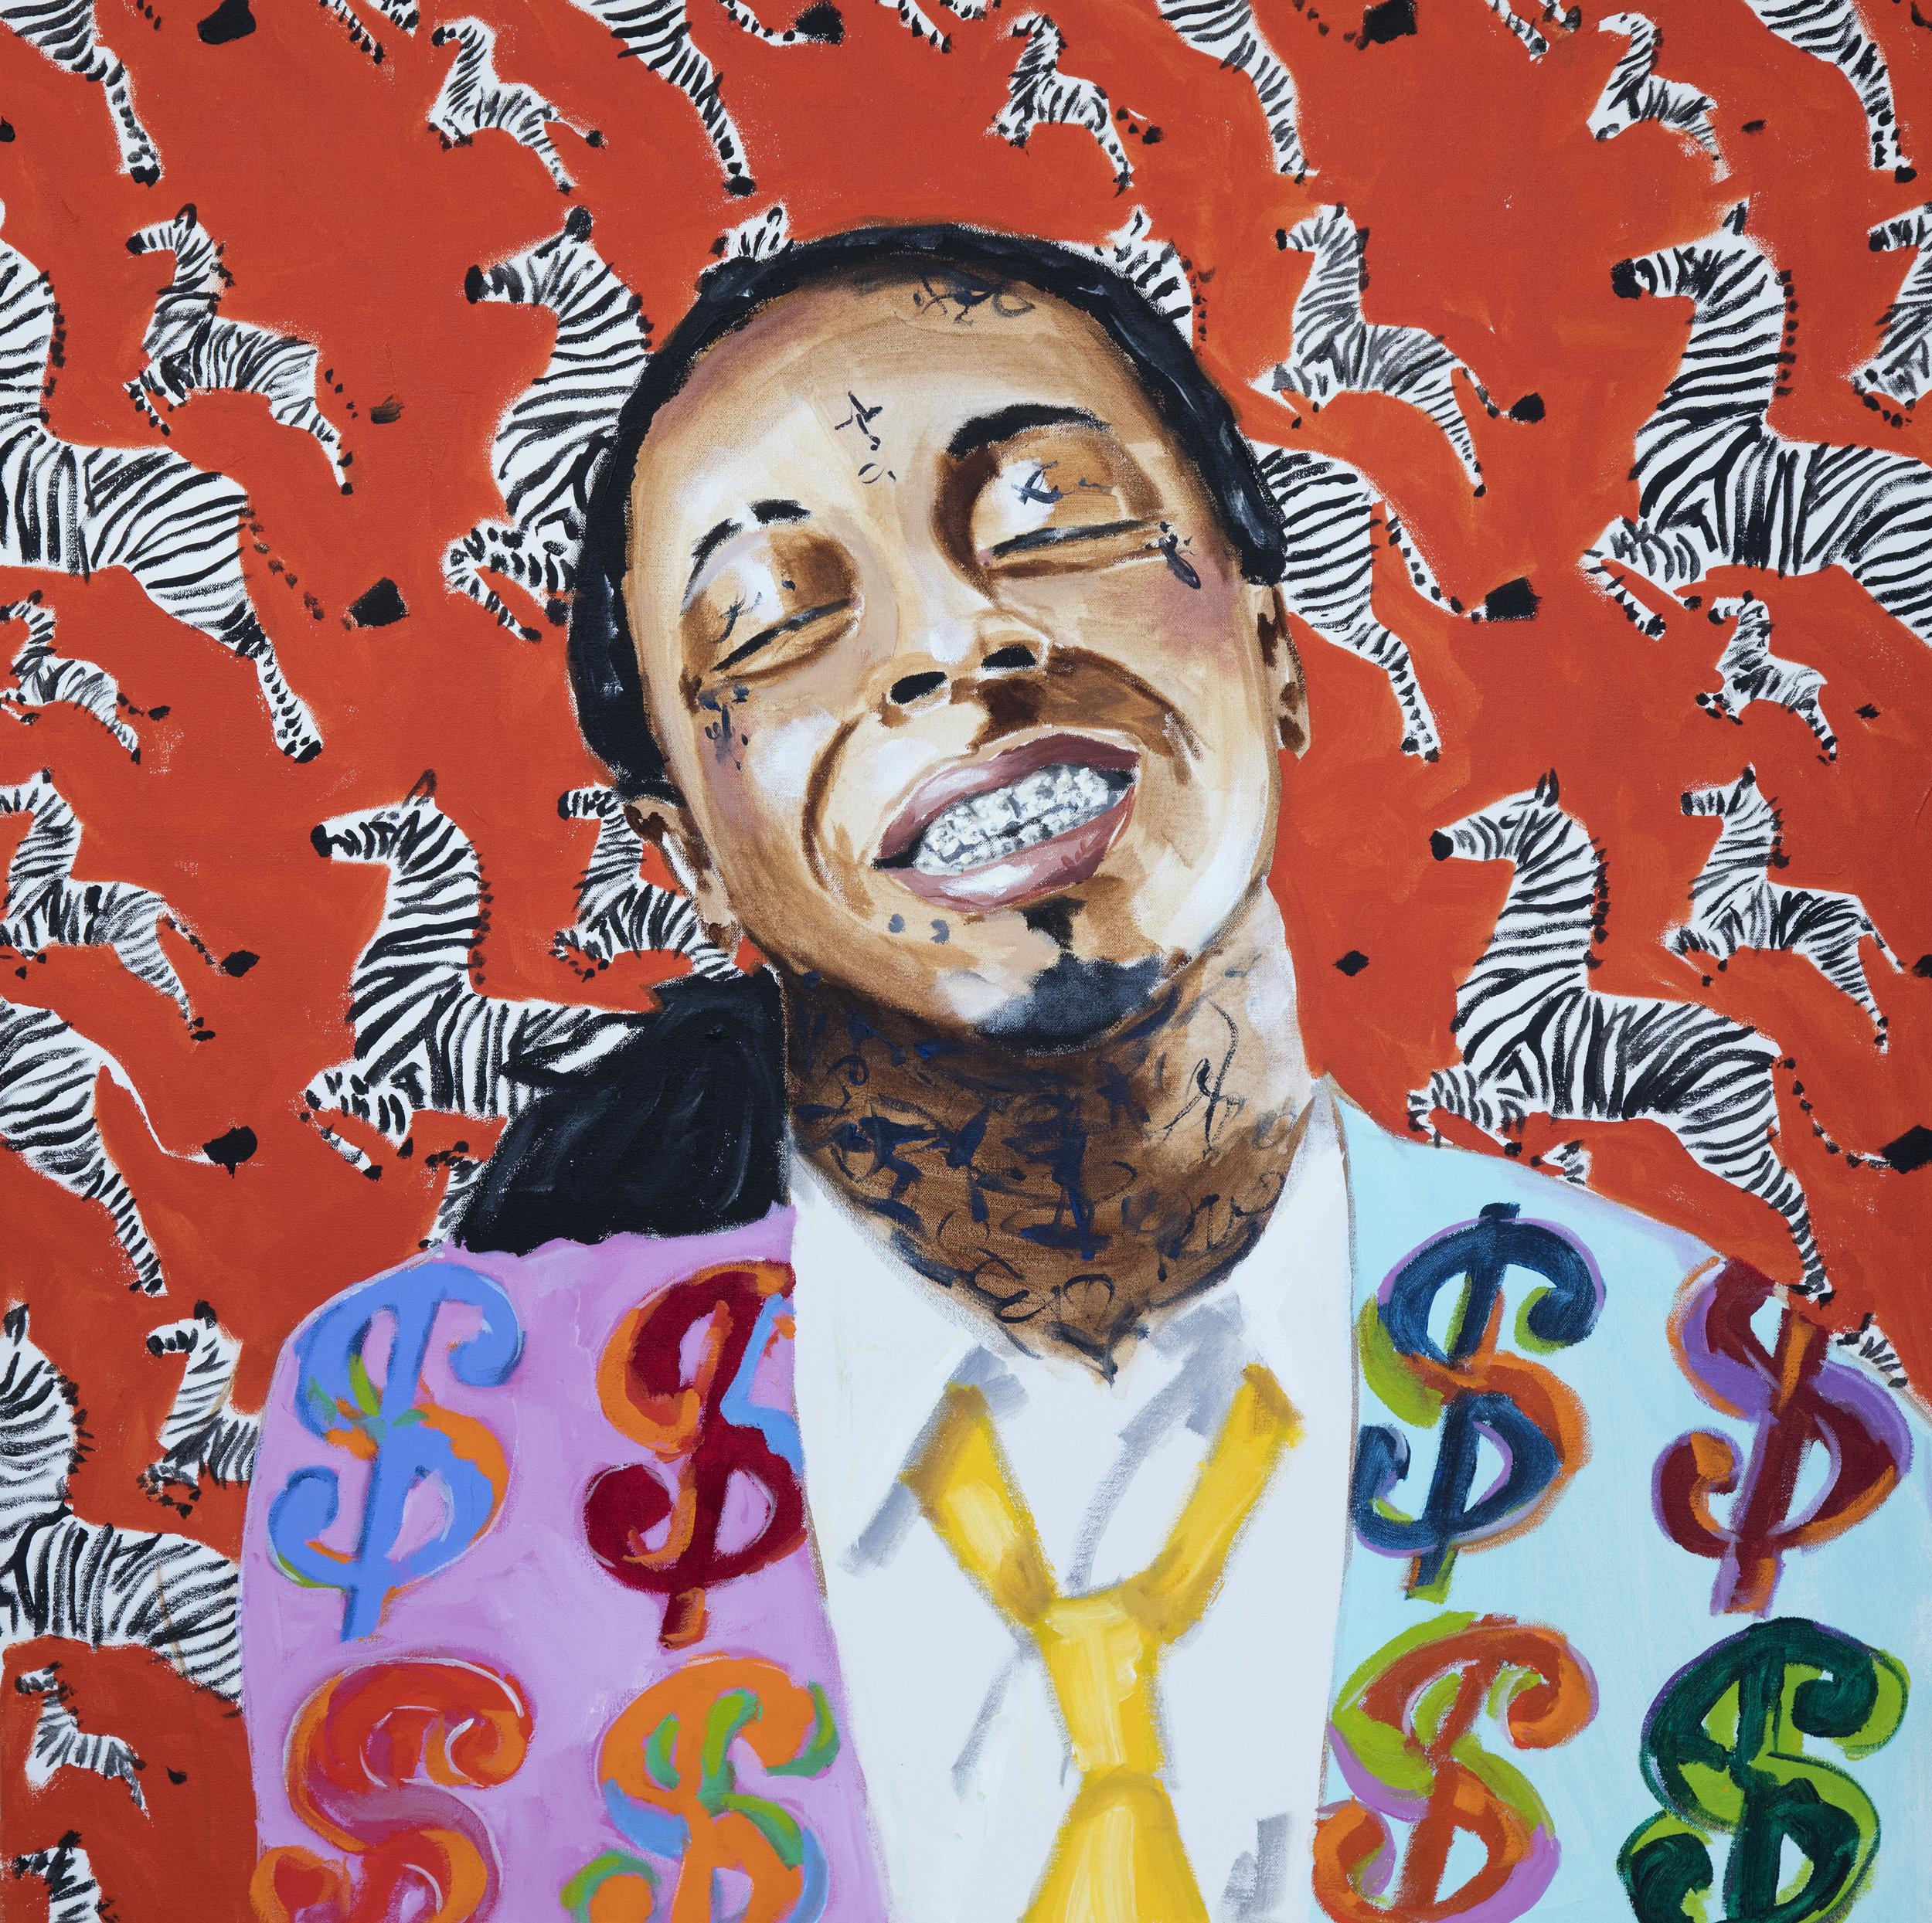 Lil-Wayne-With-Zebra-Background-PB-800-Pix-1Y1A3042.jpg